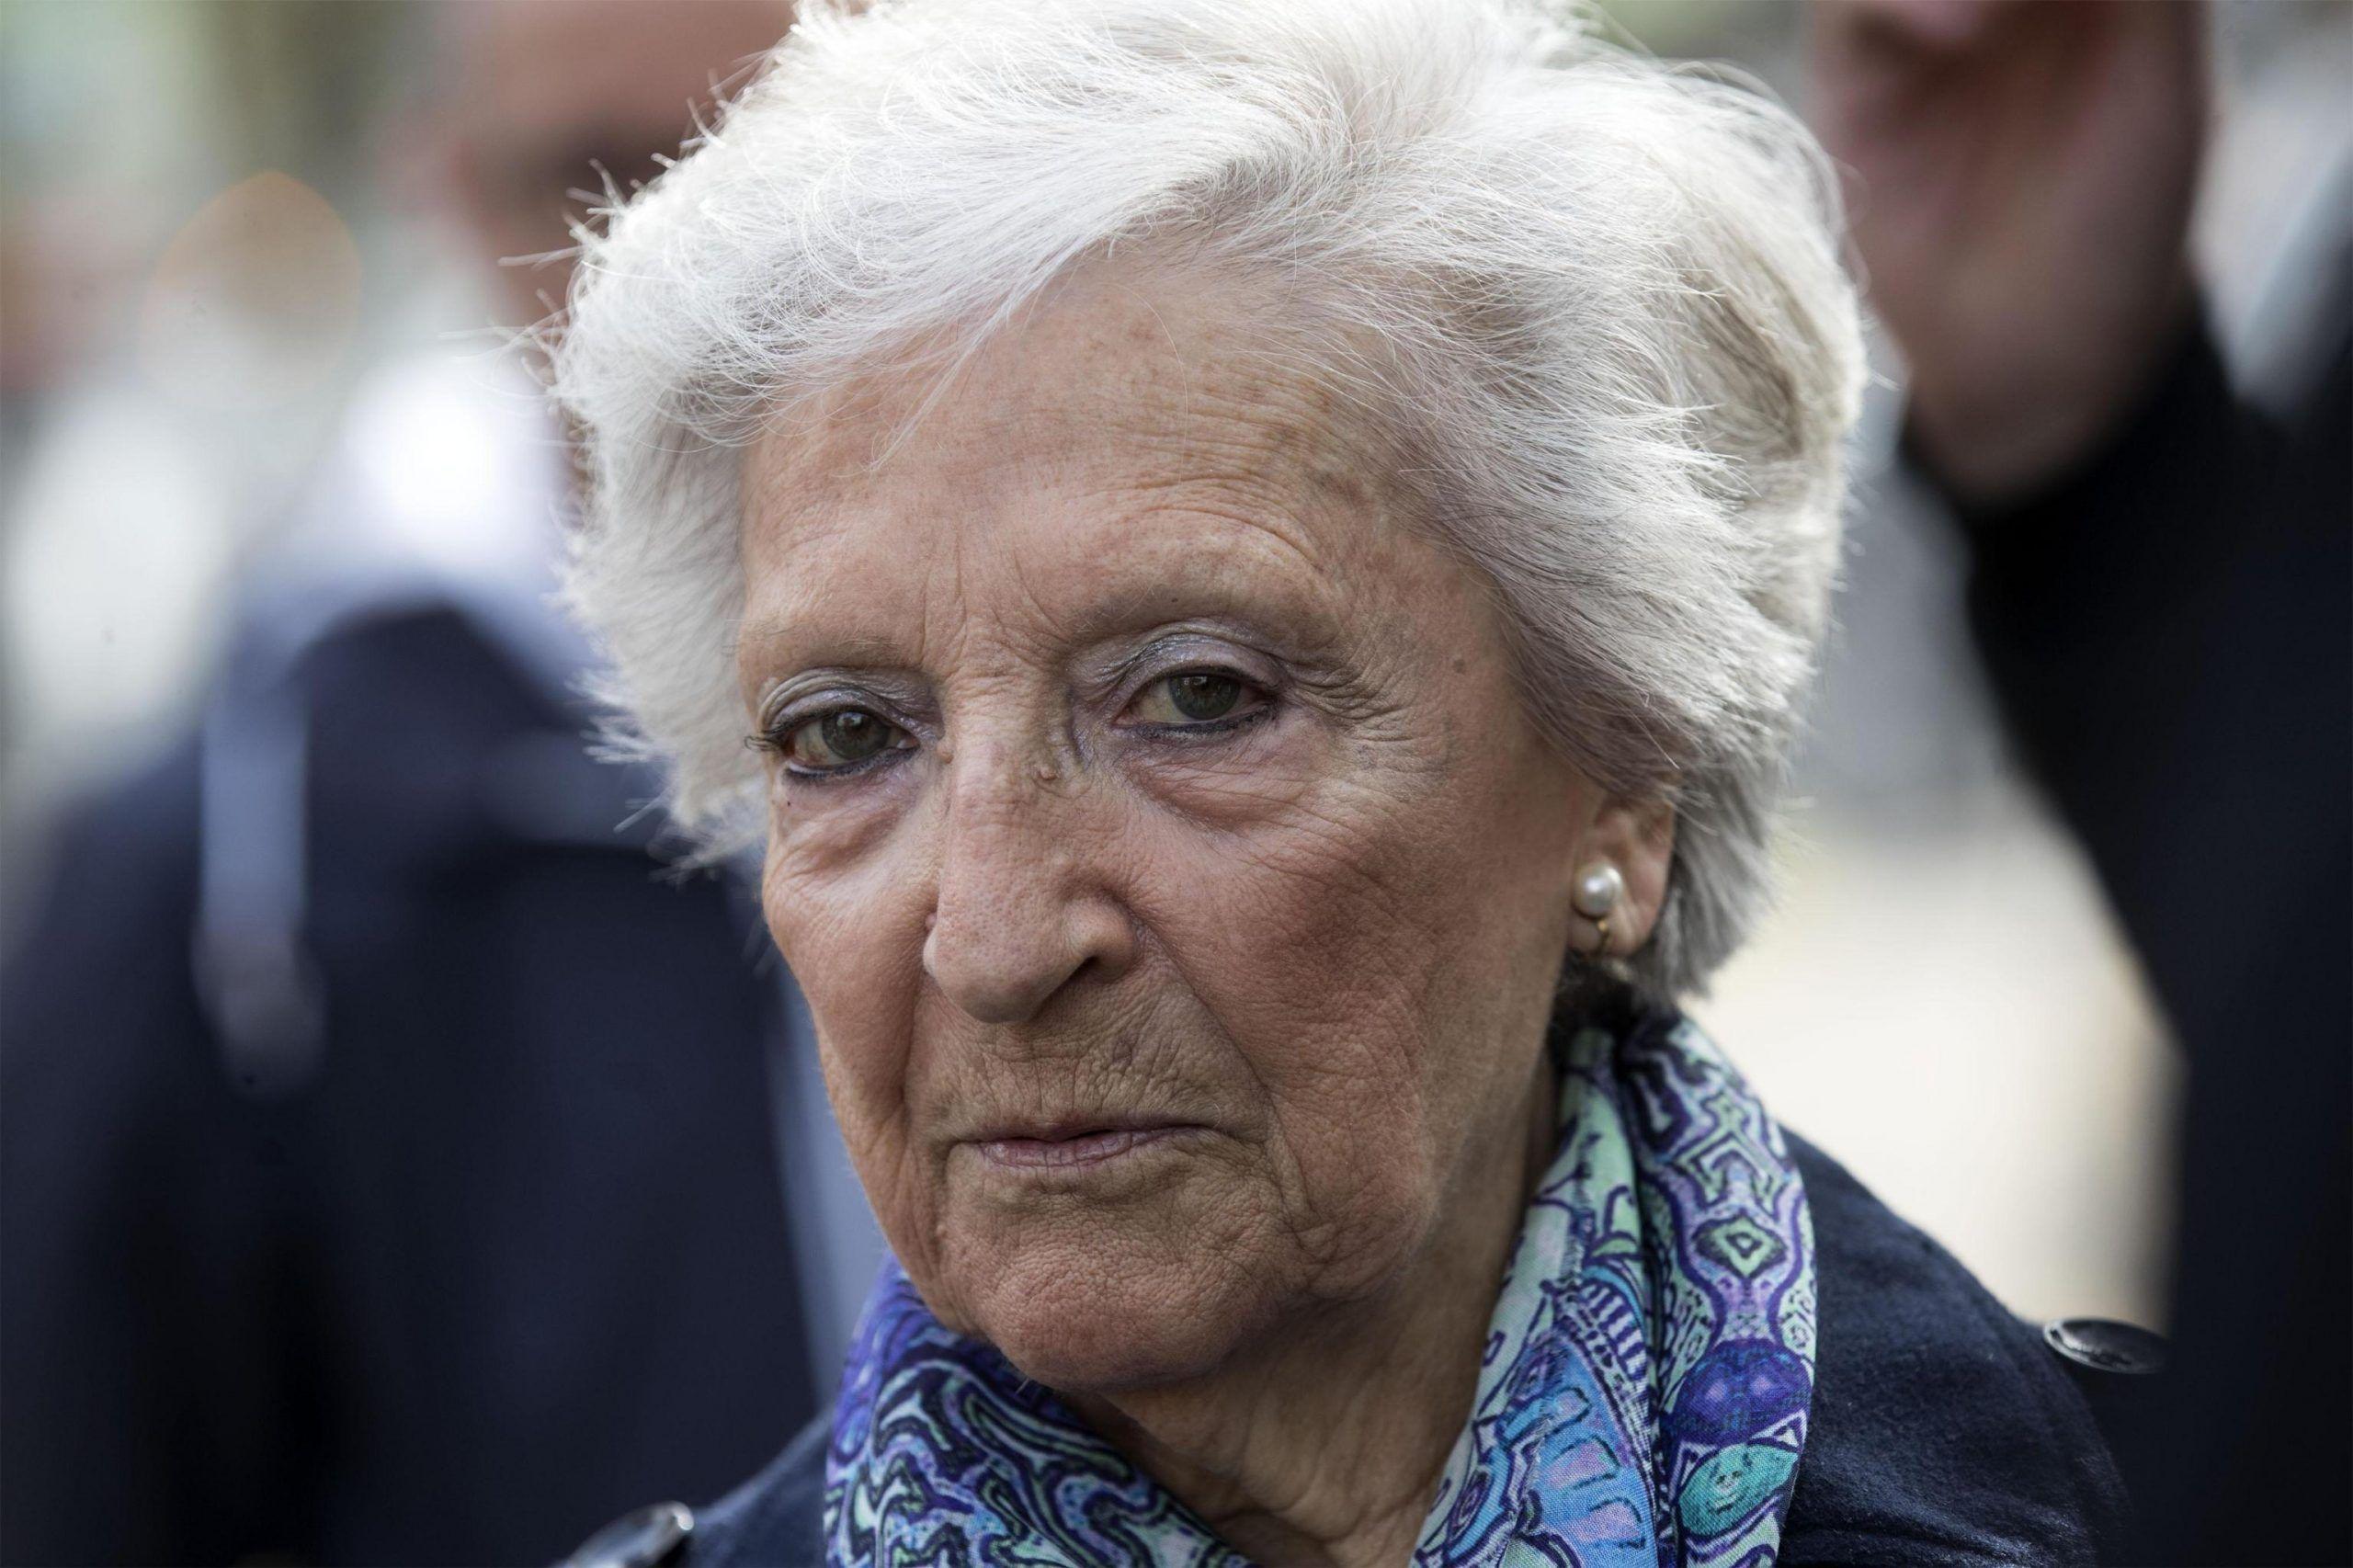 Morta Lucia Alpi, la madre di Ilaria, la giornalista Ilaria uccisa 24 anni fa